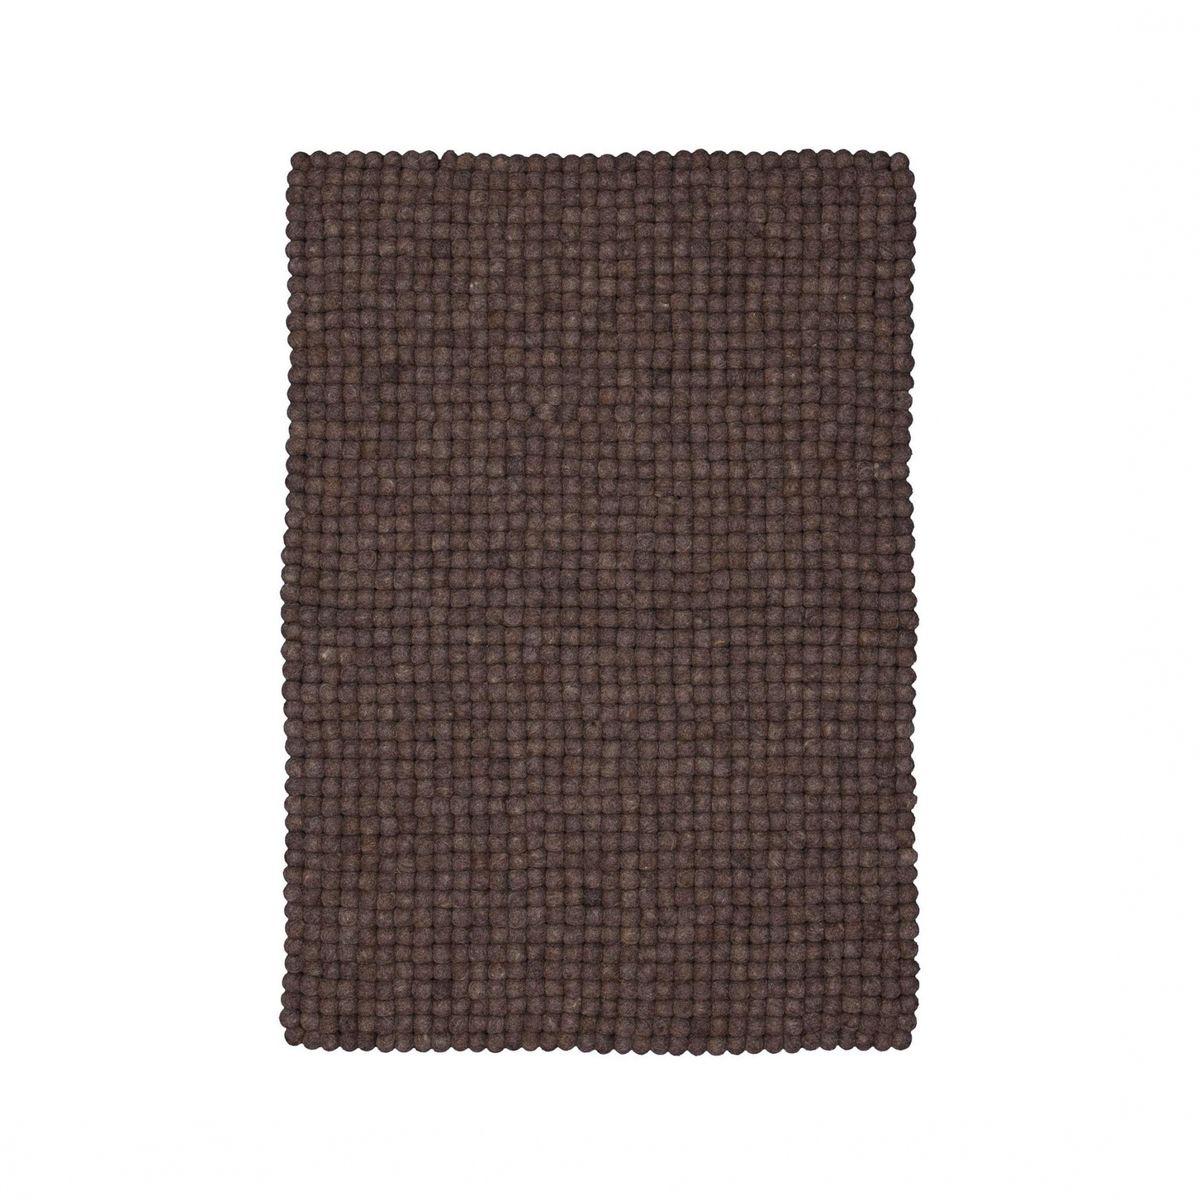 myfelt - Oskar - Tapis en feutre de laine 90x130cm - naturel/brun ...